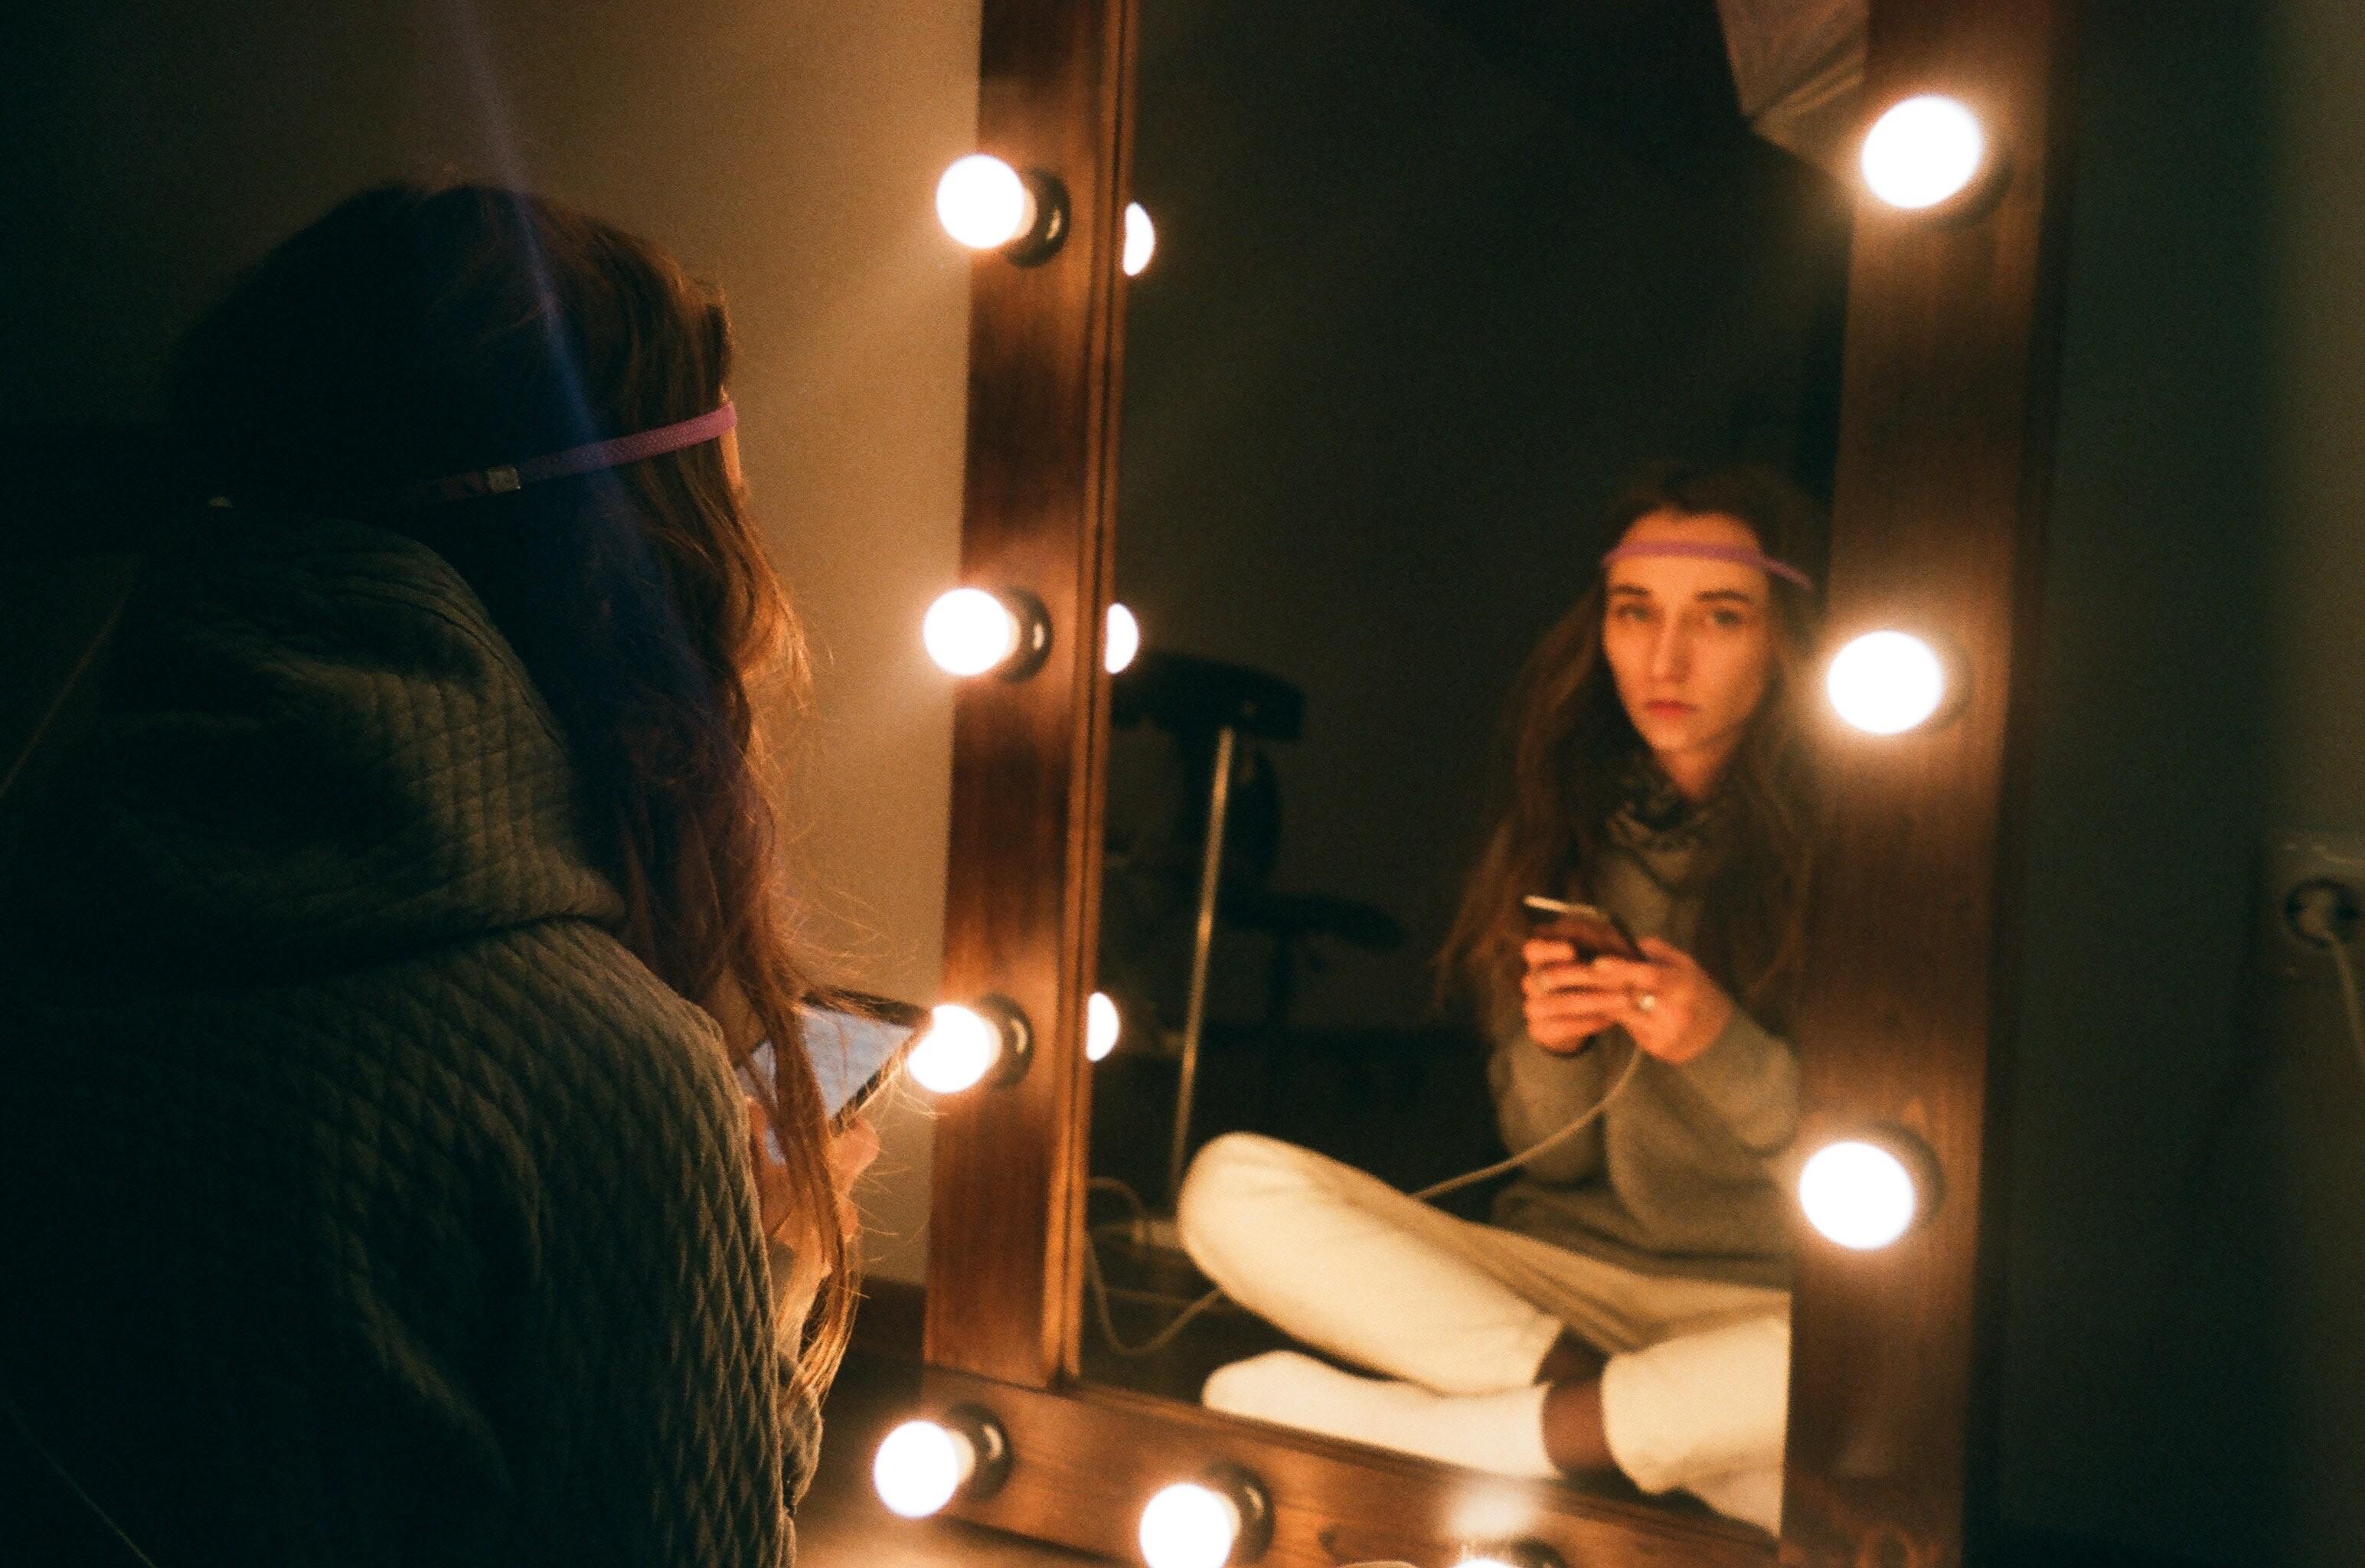 3 обряда с зеркалами, чтобы привлечь мужа